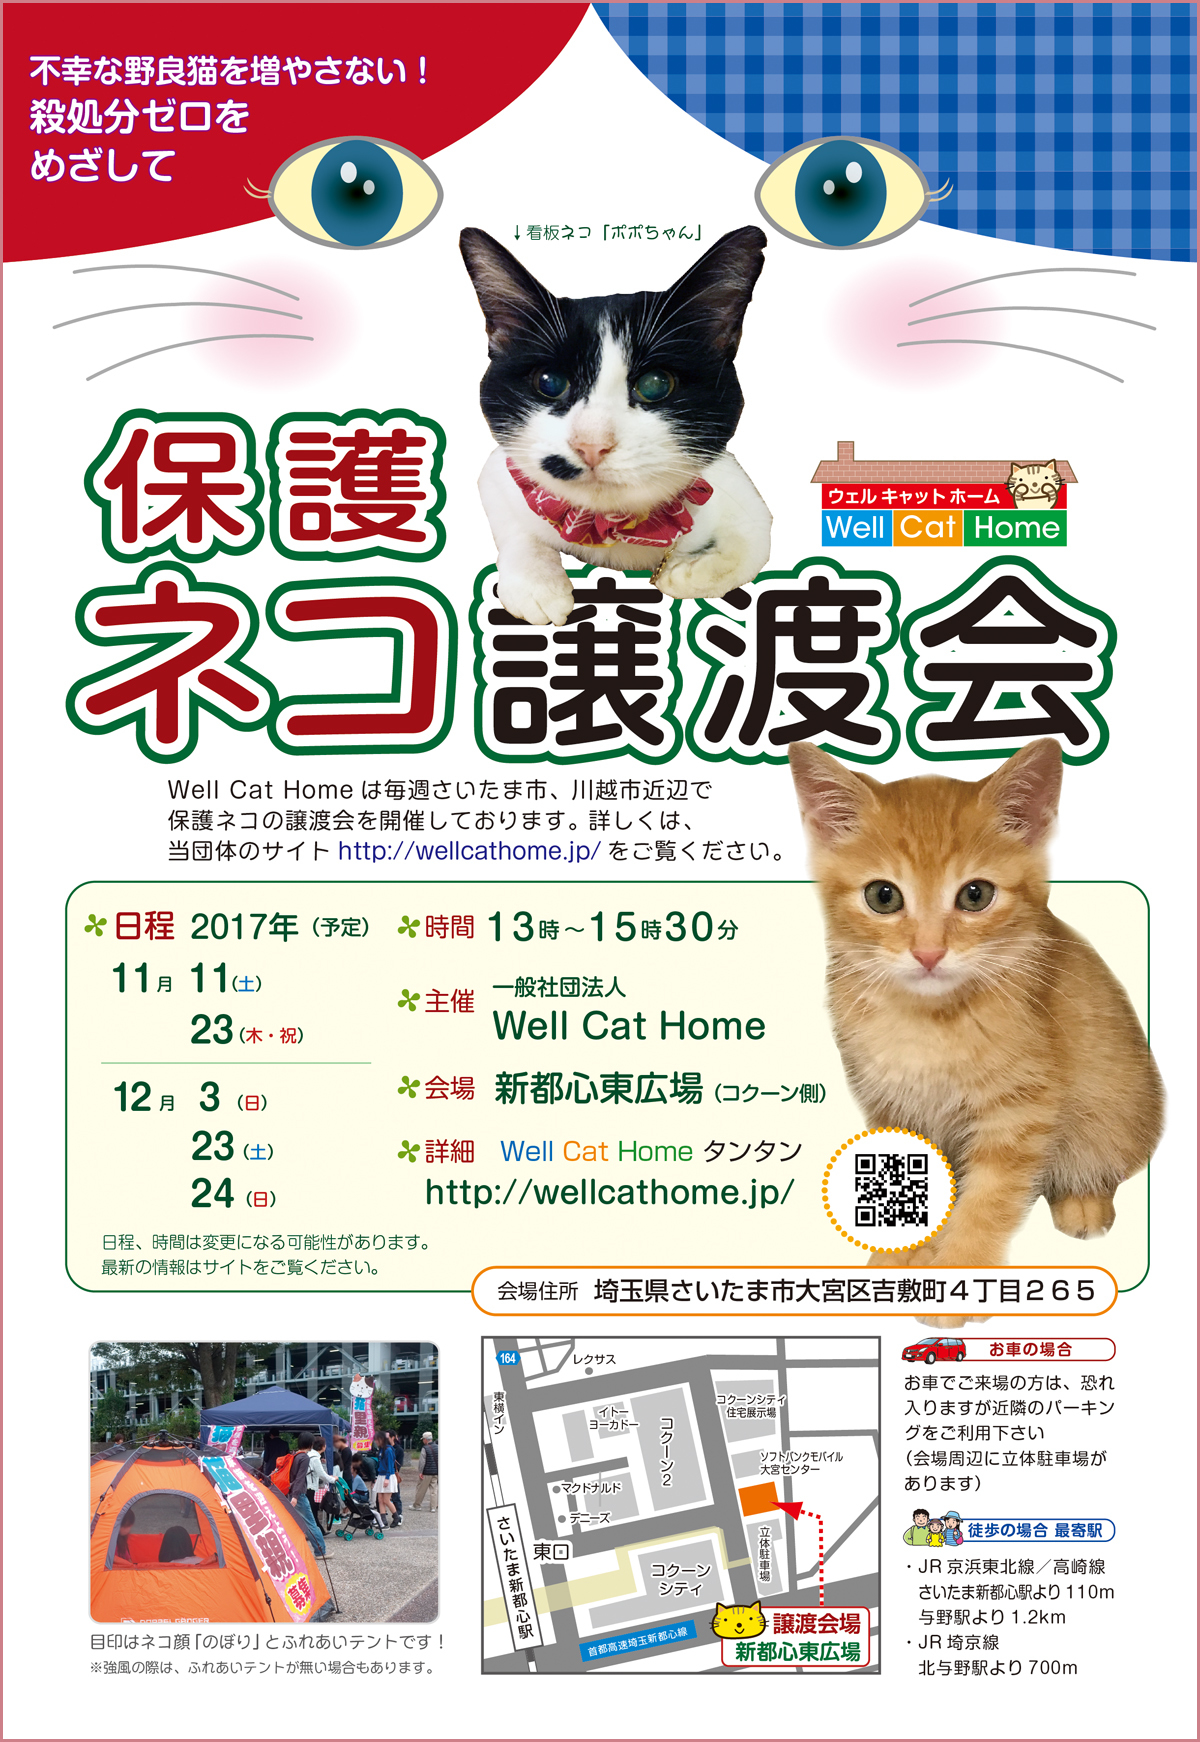 shintoshin_higashihiroba2017_11_12-01.jpg